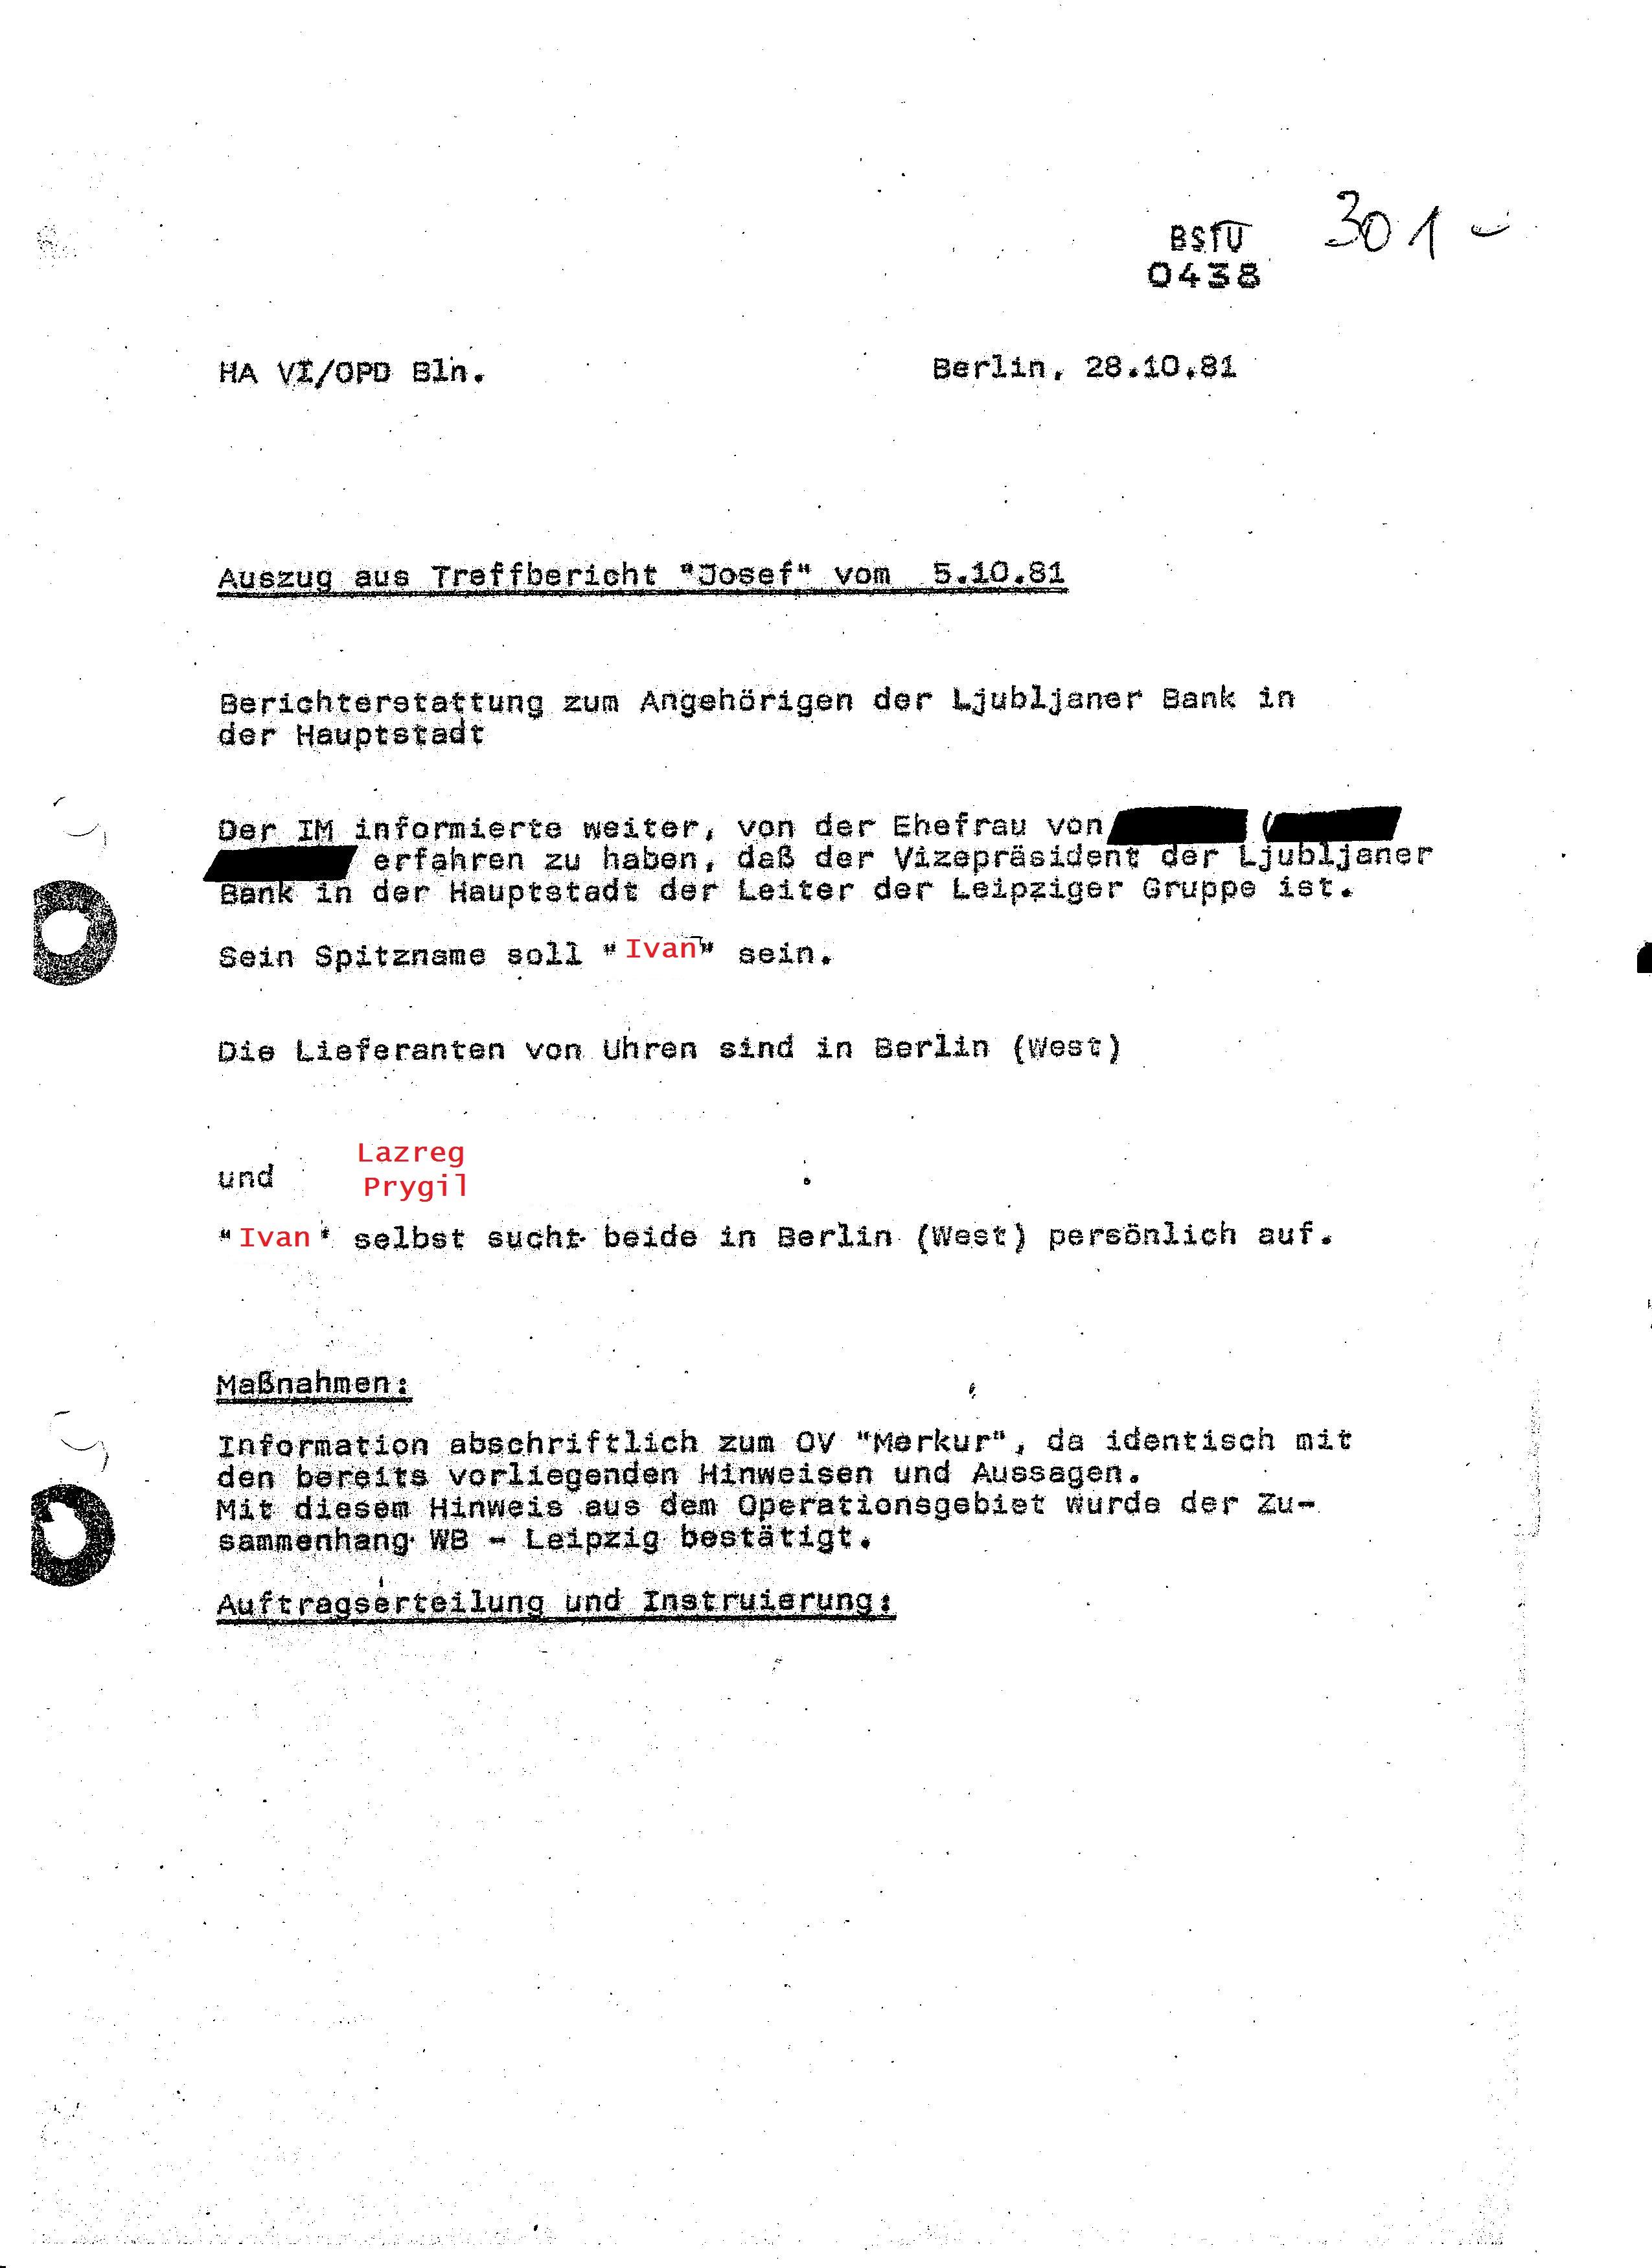 Der erste Beweis für das Desaster bei der Bekämpfung der Wirtschaftsdiversion gegen den Außen-und Binnenhandel der DDR und das Ministerium für Finanzen der DDR. Erste Bericht eines IM´s ... kommt aus dem Operationsgebiet aus Westberlin am 28.10.1981 IM